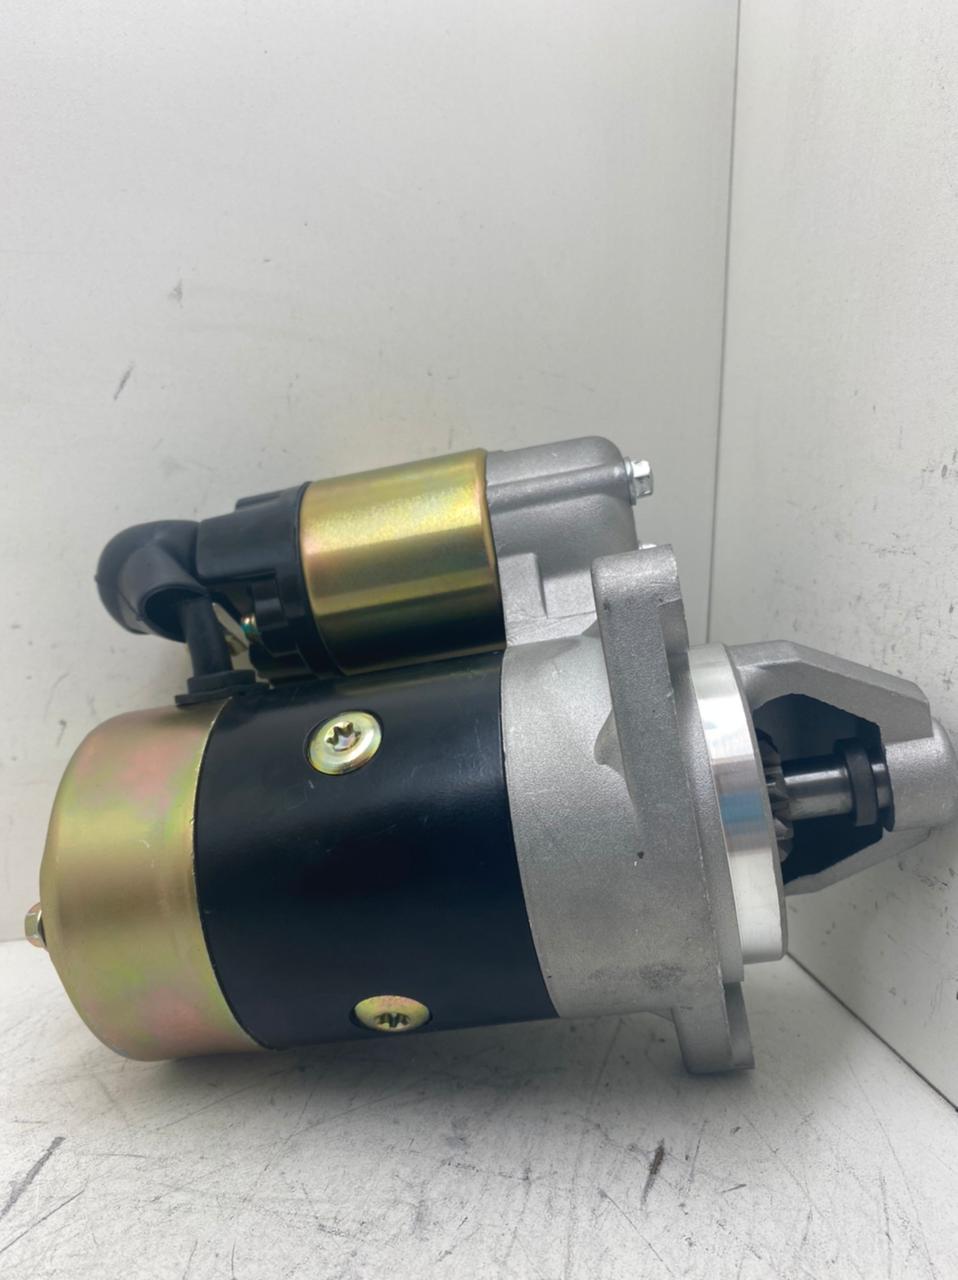 Motor de arranque DYNAPAC YANMAR TOYAMA XP TDE110EXP 418 CC L40S L60S LS100 Ls75 GA220 MITSUBA 14V 8D S114 414 S114 651 11436177011 11436277010 AEC17023